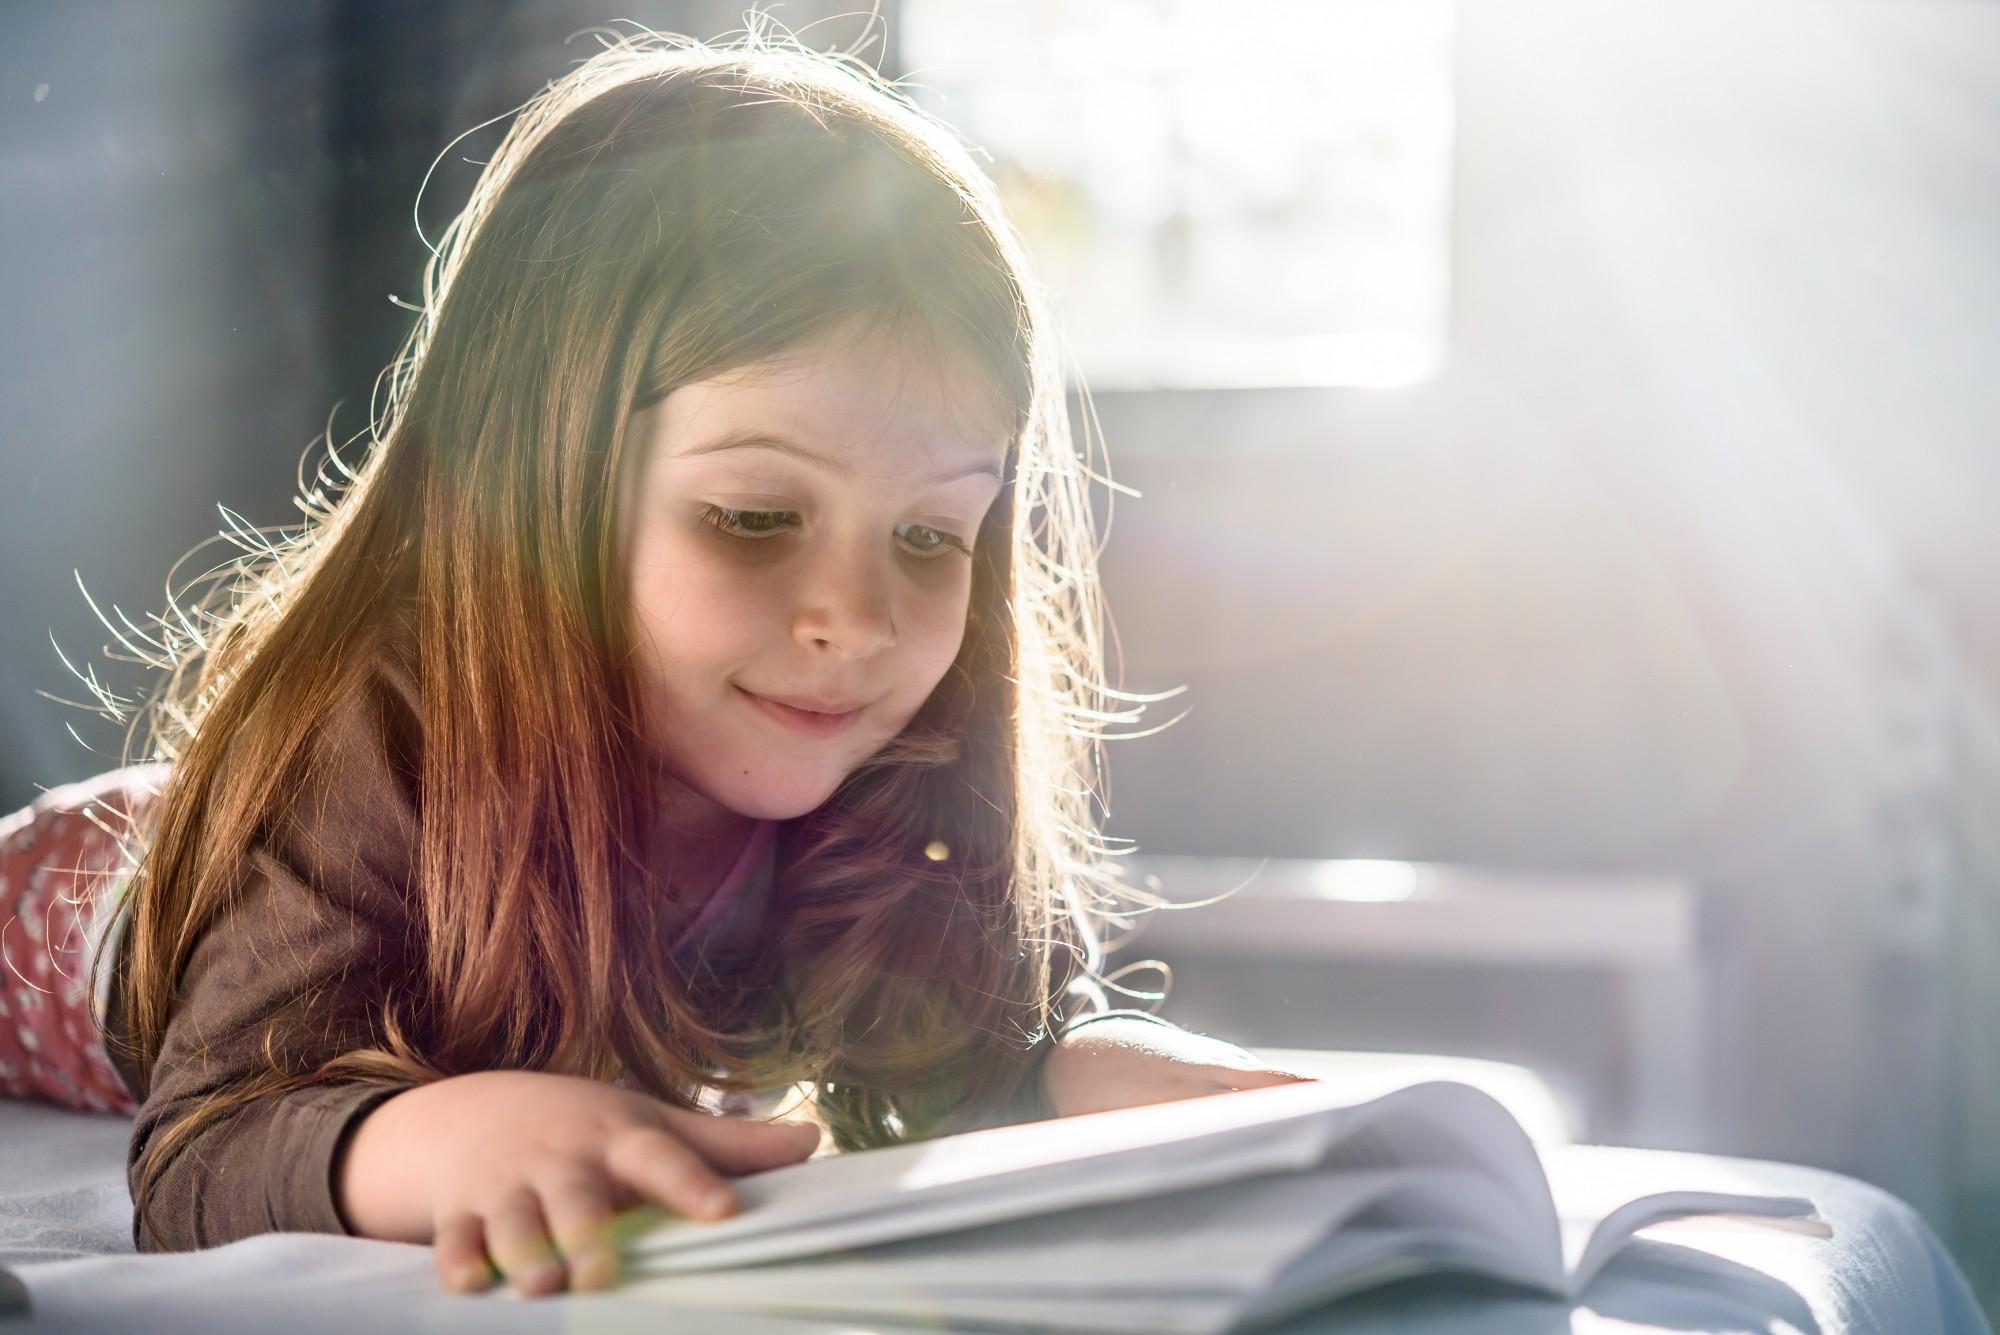 Ką apie disleksiją turėtų žinoti kiekvienas turintis vaikų?